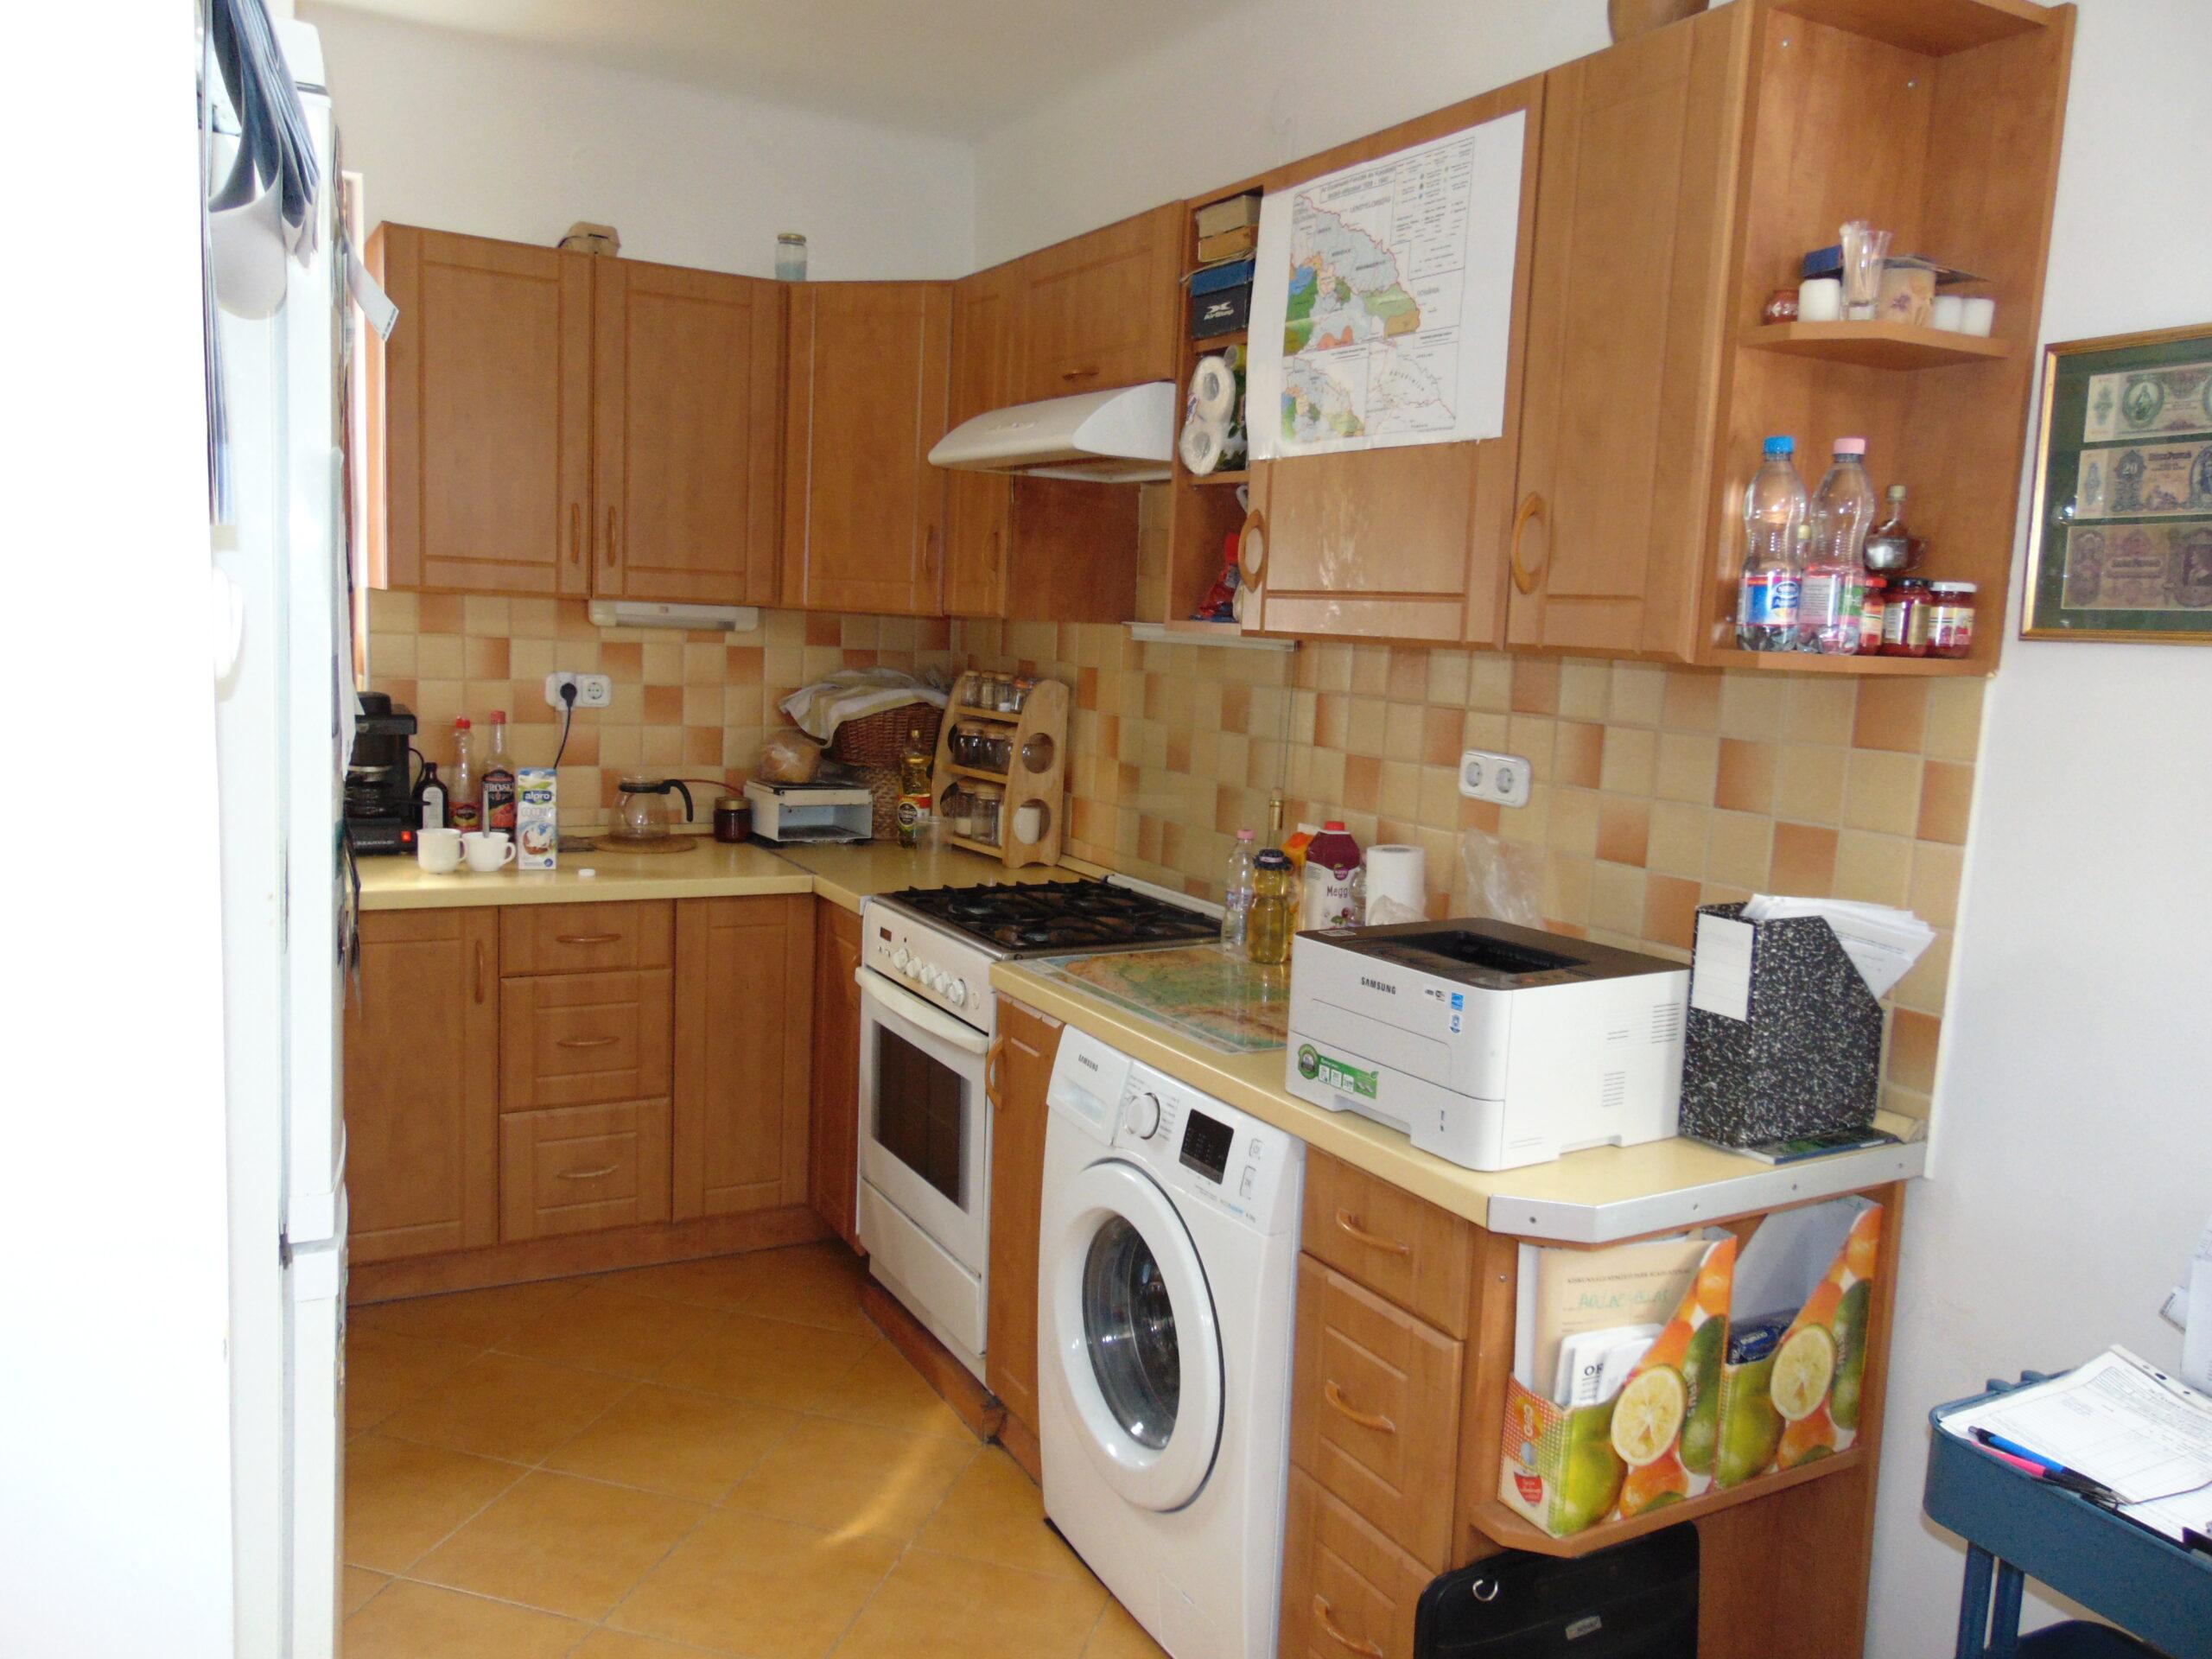 Eladó kétrendbeli 99 m²-es 5 szobás tégla lakás a Hunyadi-városban!